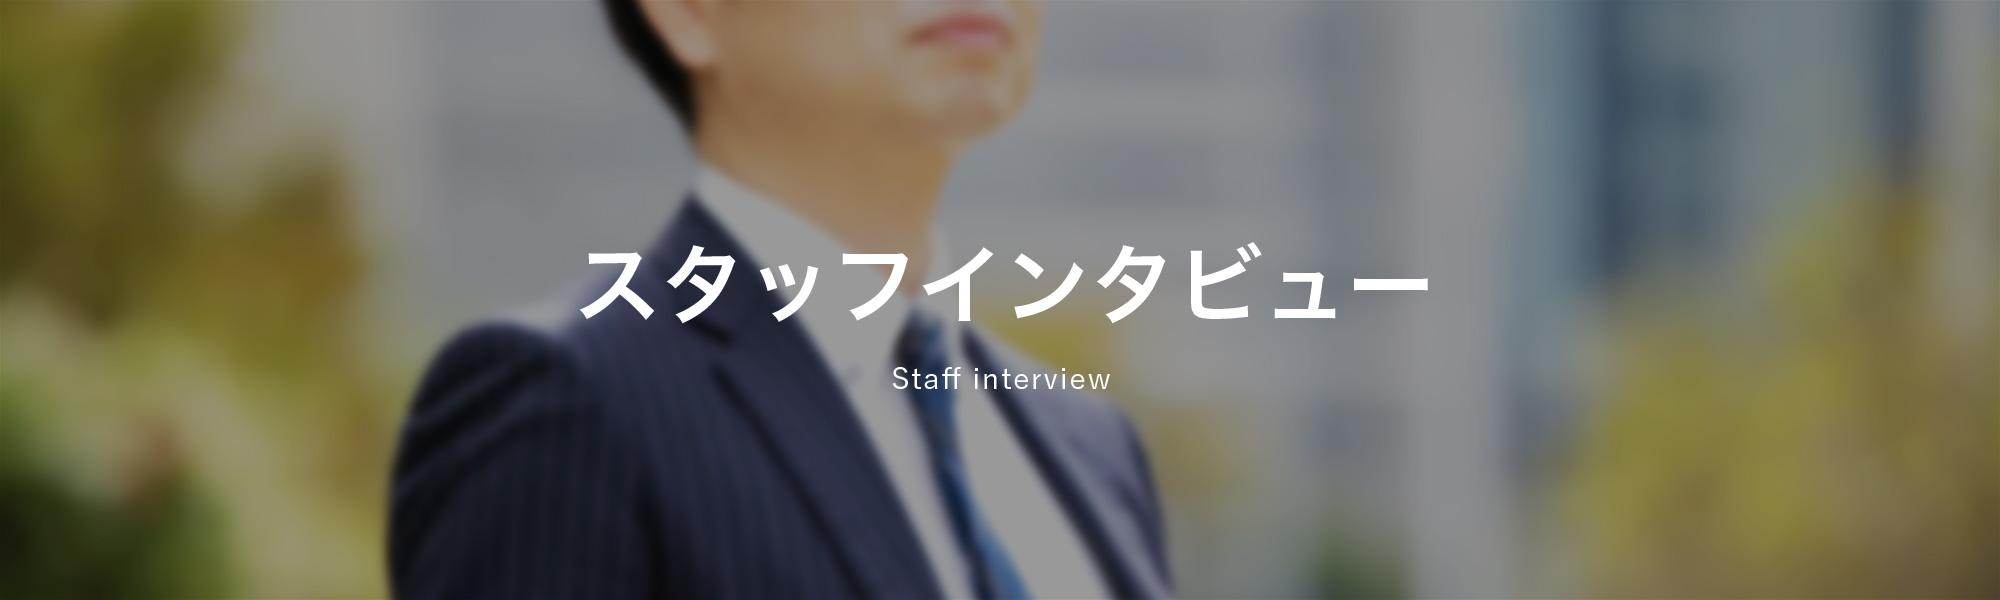 スタッフ インタビュー